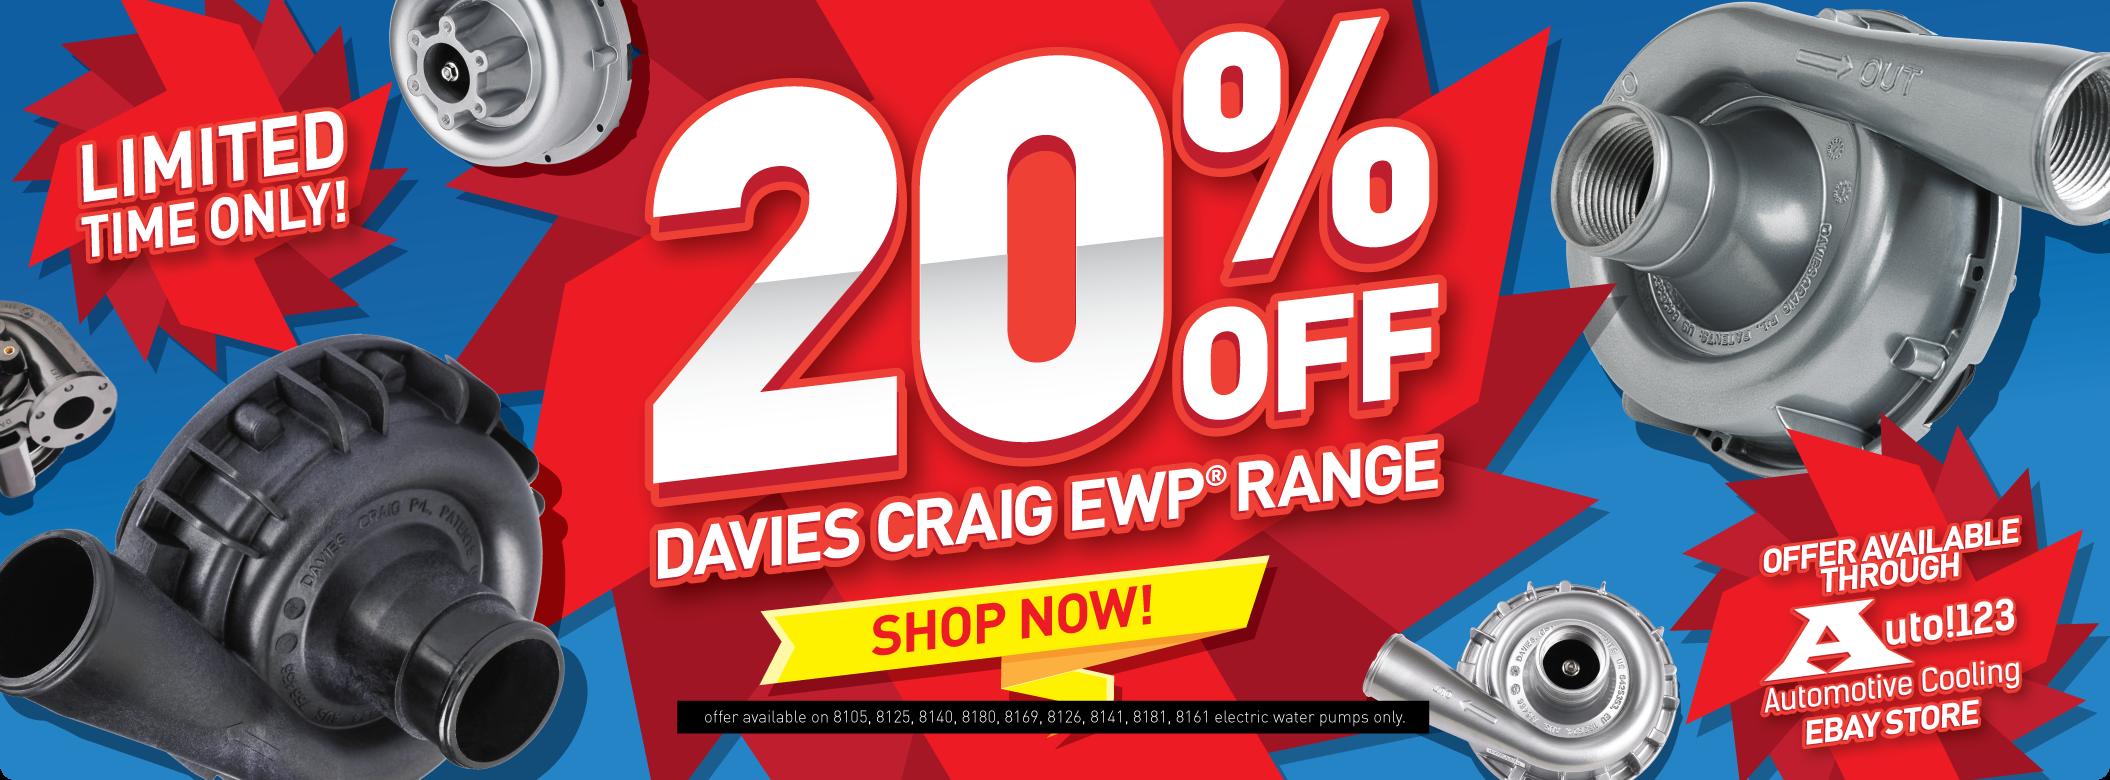 DAVIES CRAIG Lifestyle Sale Campaign-01.png